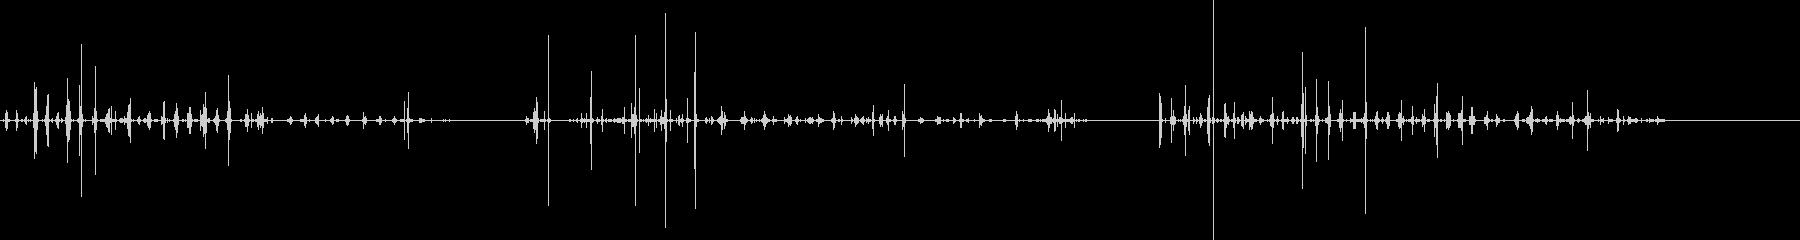 食べる-噛む-動物-人工-3バージョン2の未再生の波形